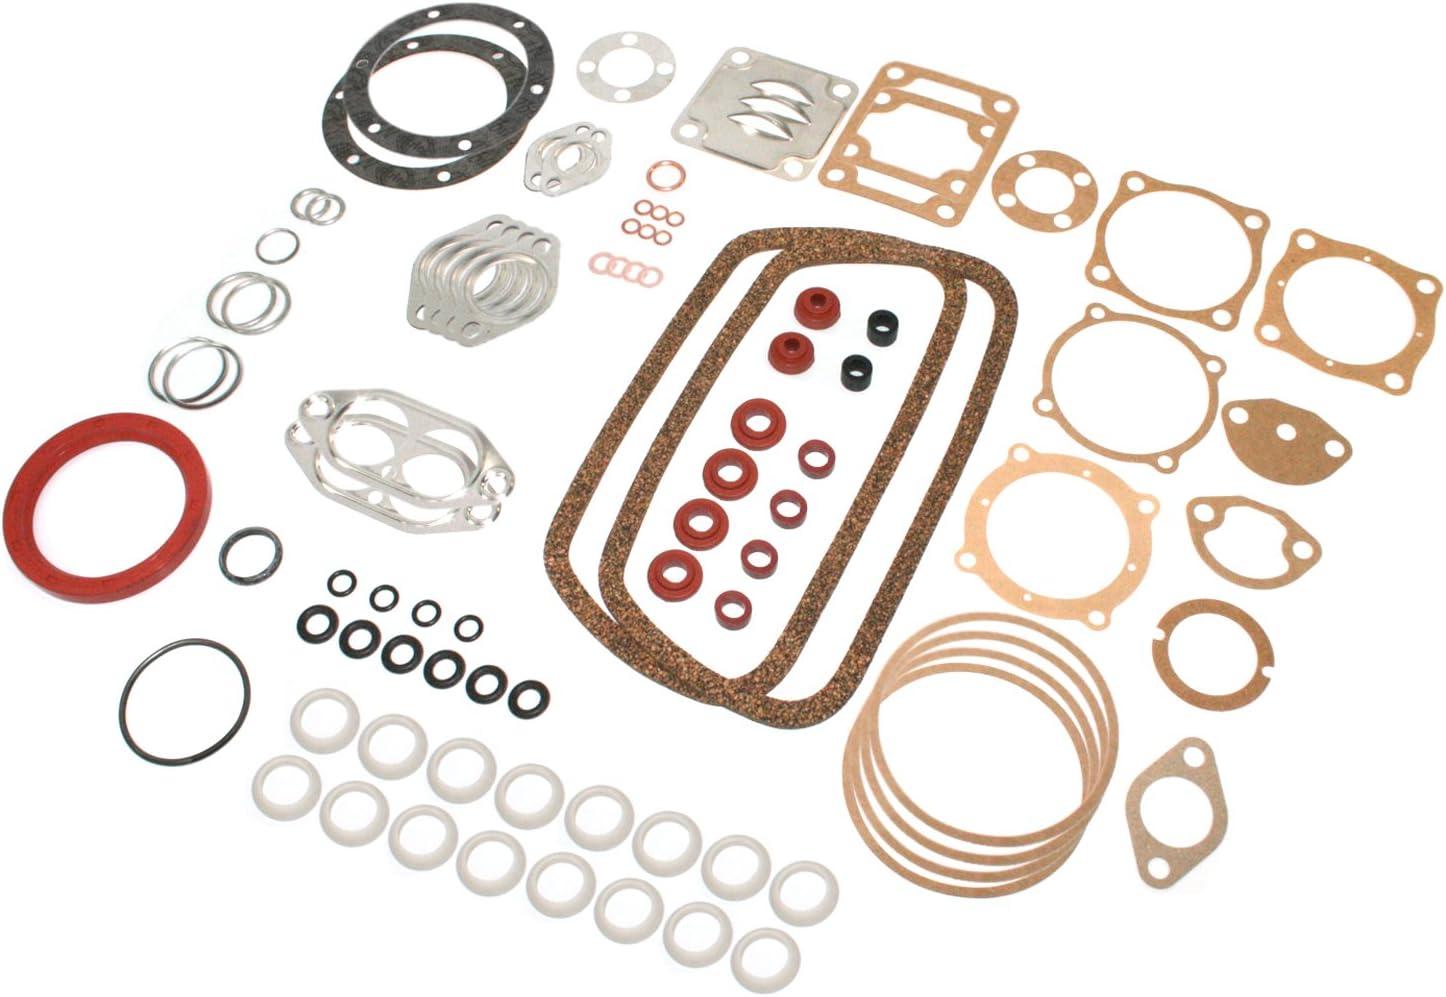 ** Elring 632.111 Cylinder Head Gasket VW TRANSPORTER IV **